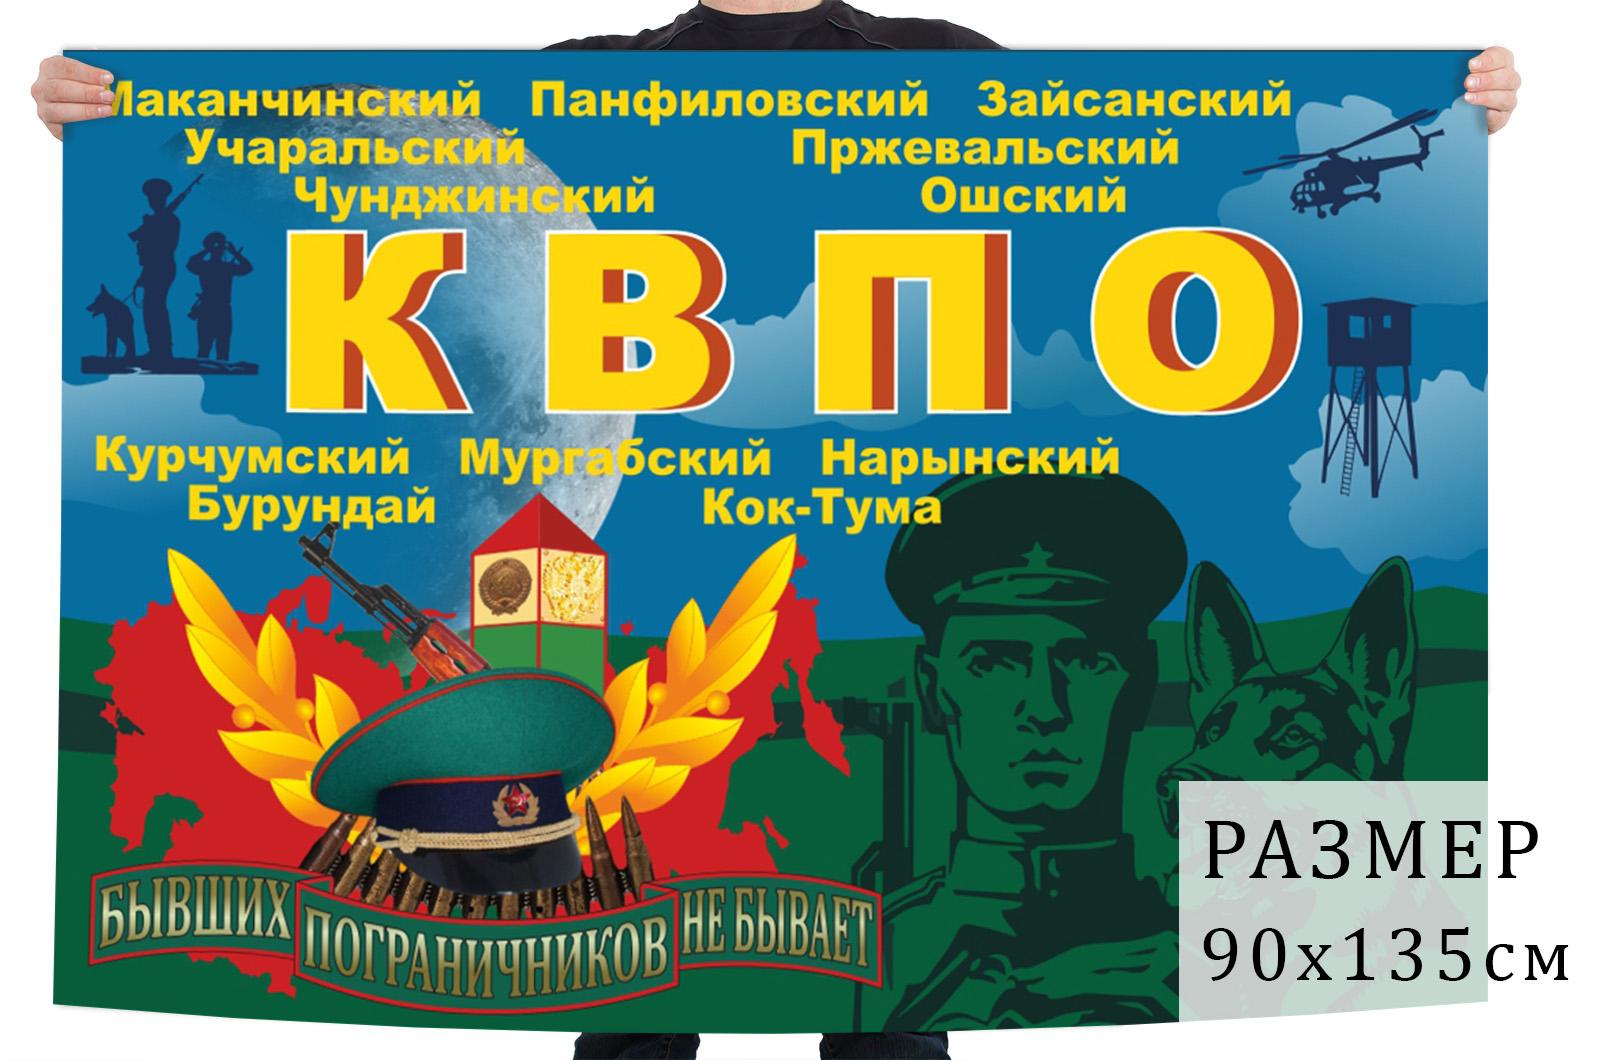 Флаг Краснознамённого Восточного пограничного округа СССР